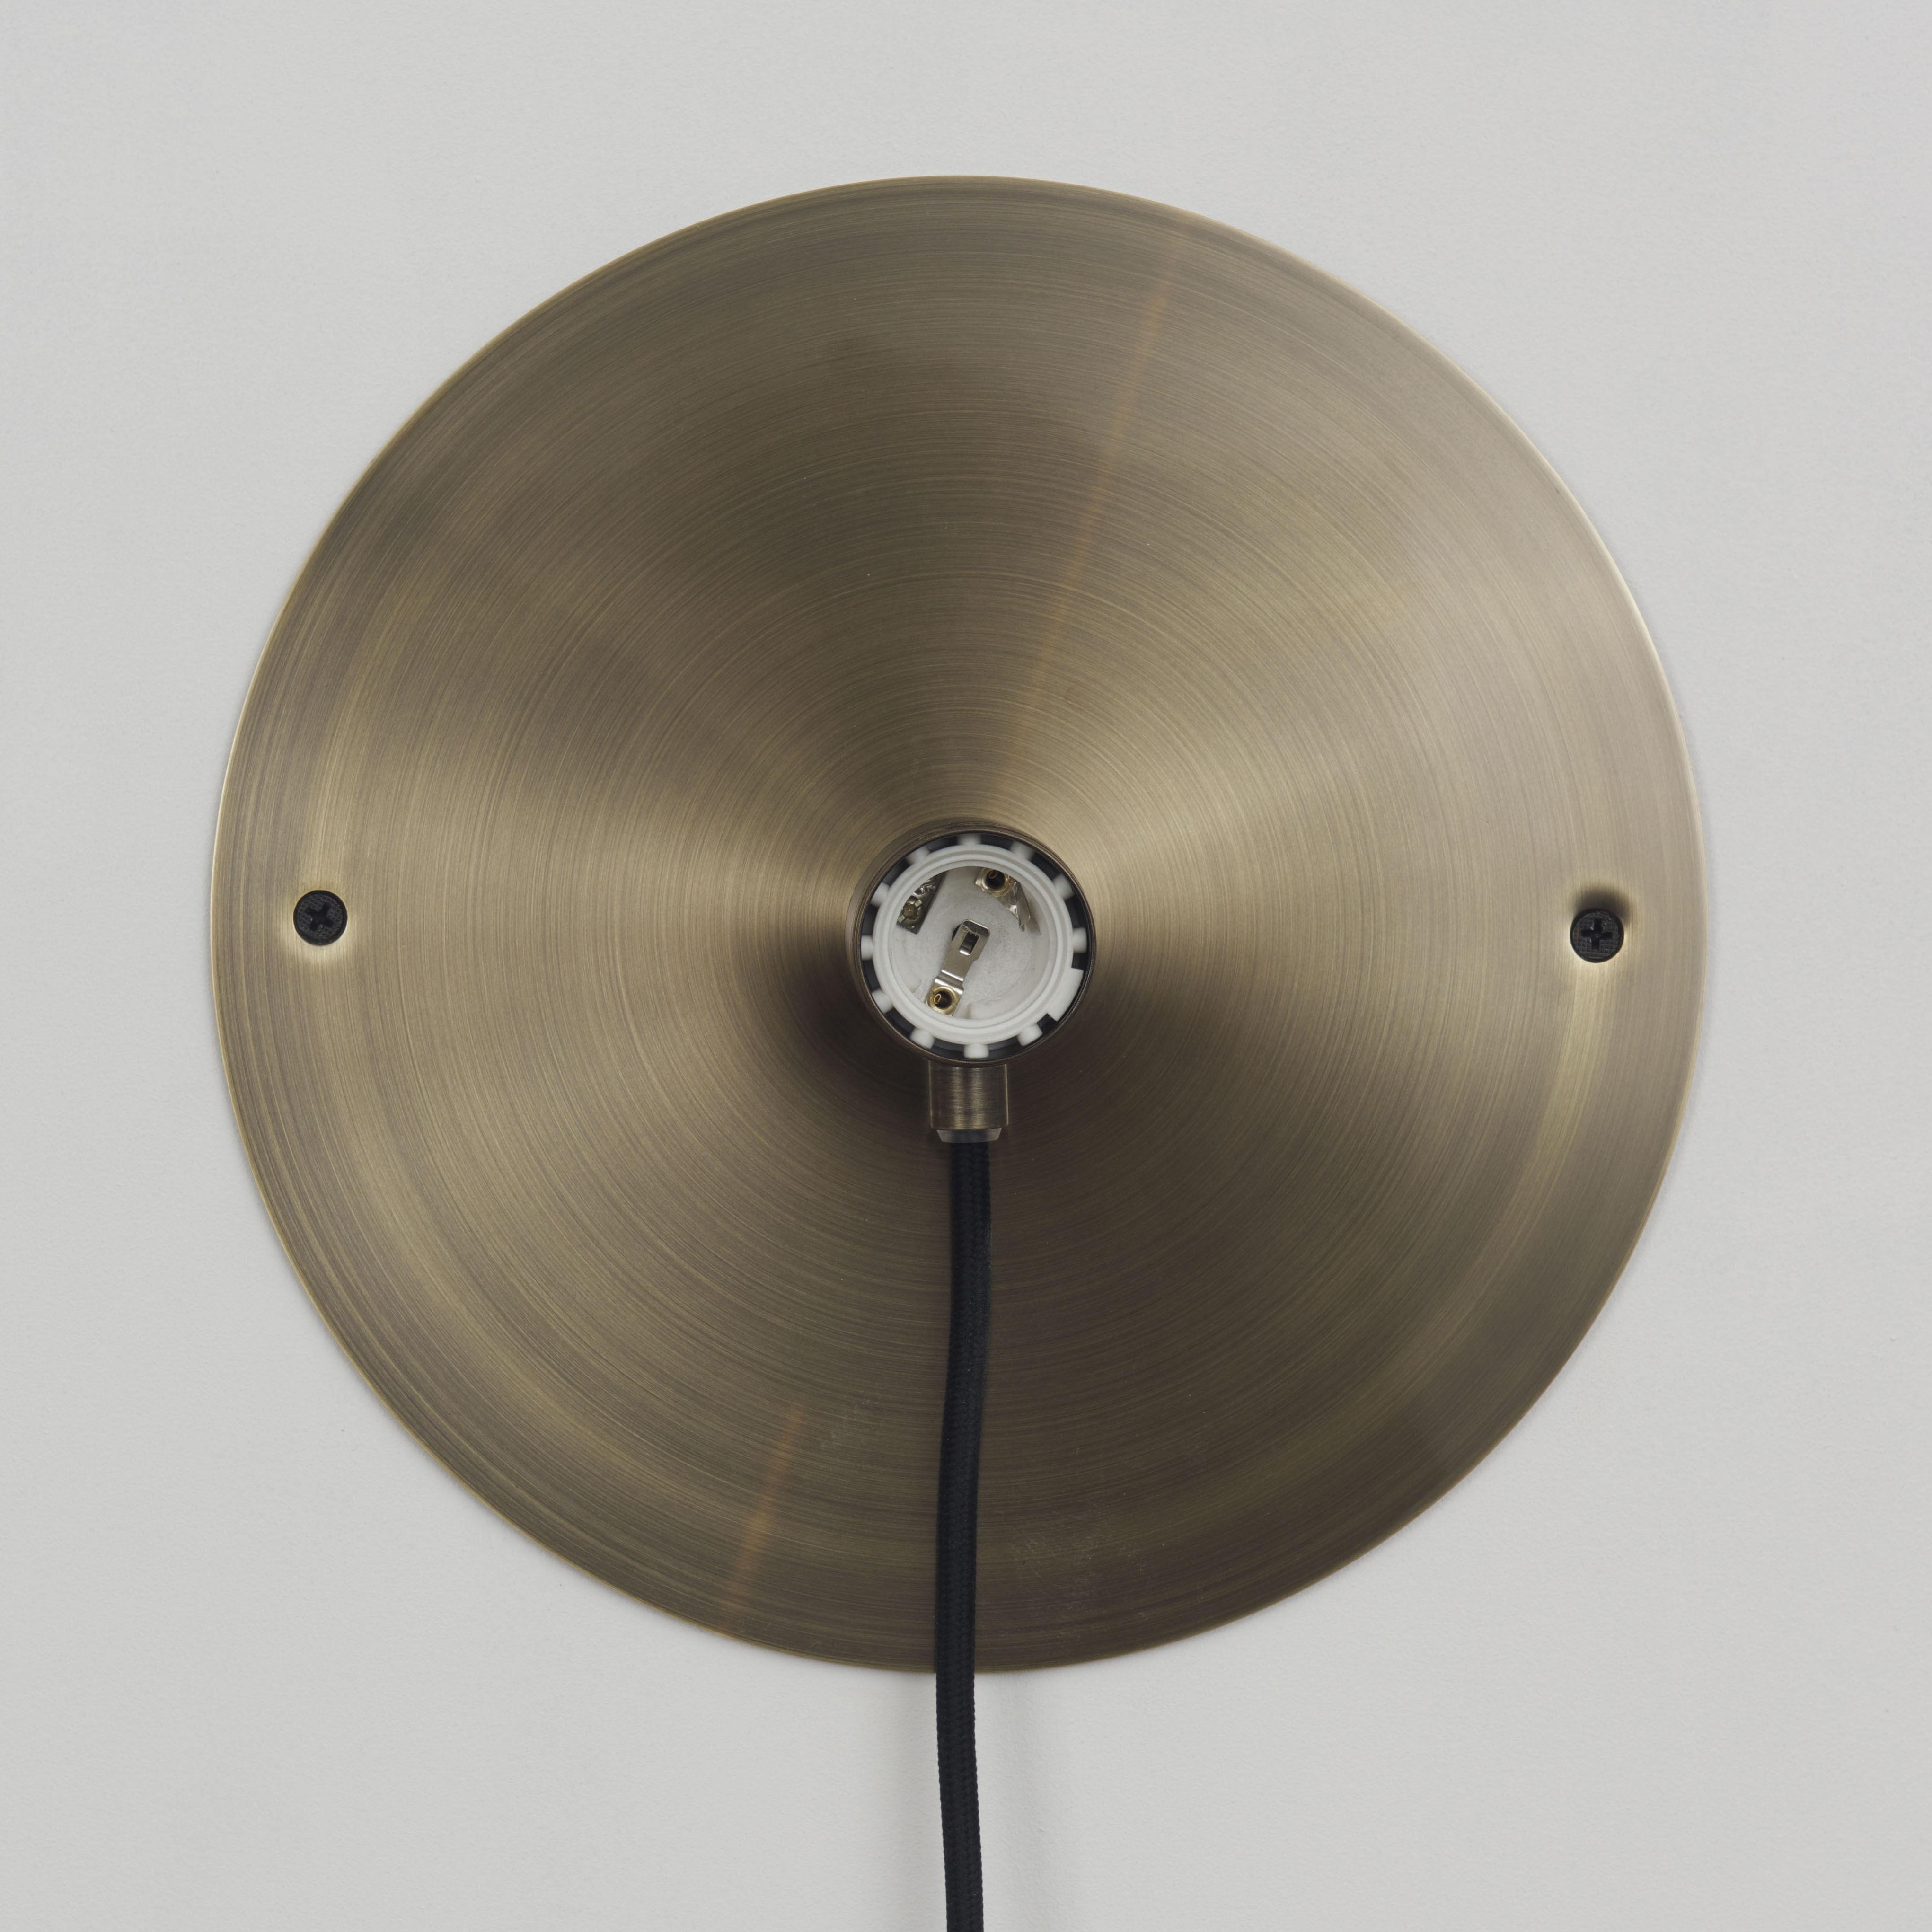 applique avec prise frama kit frama bronze l 200 x 25 made in design. Black Bedroom Furniture Sets. Home Design Ideas